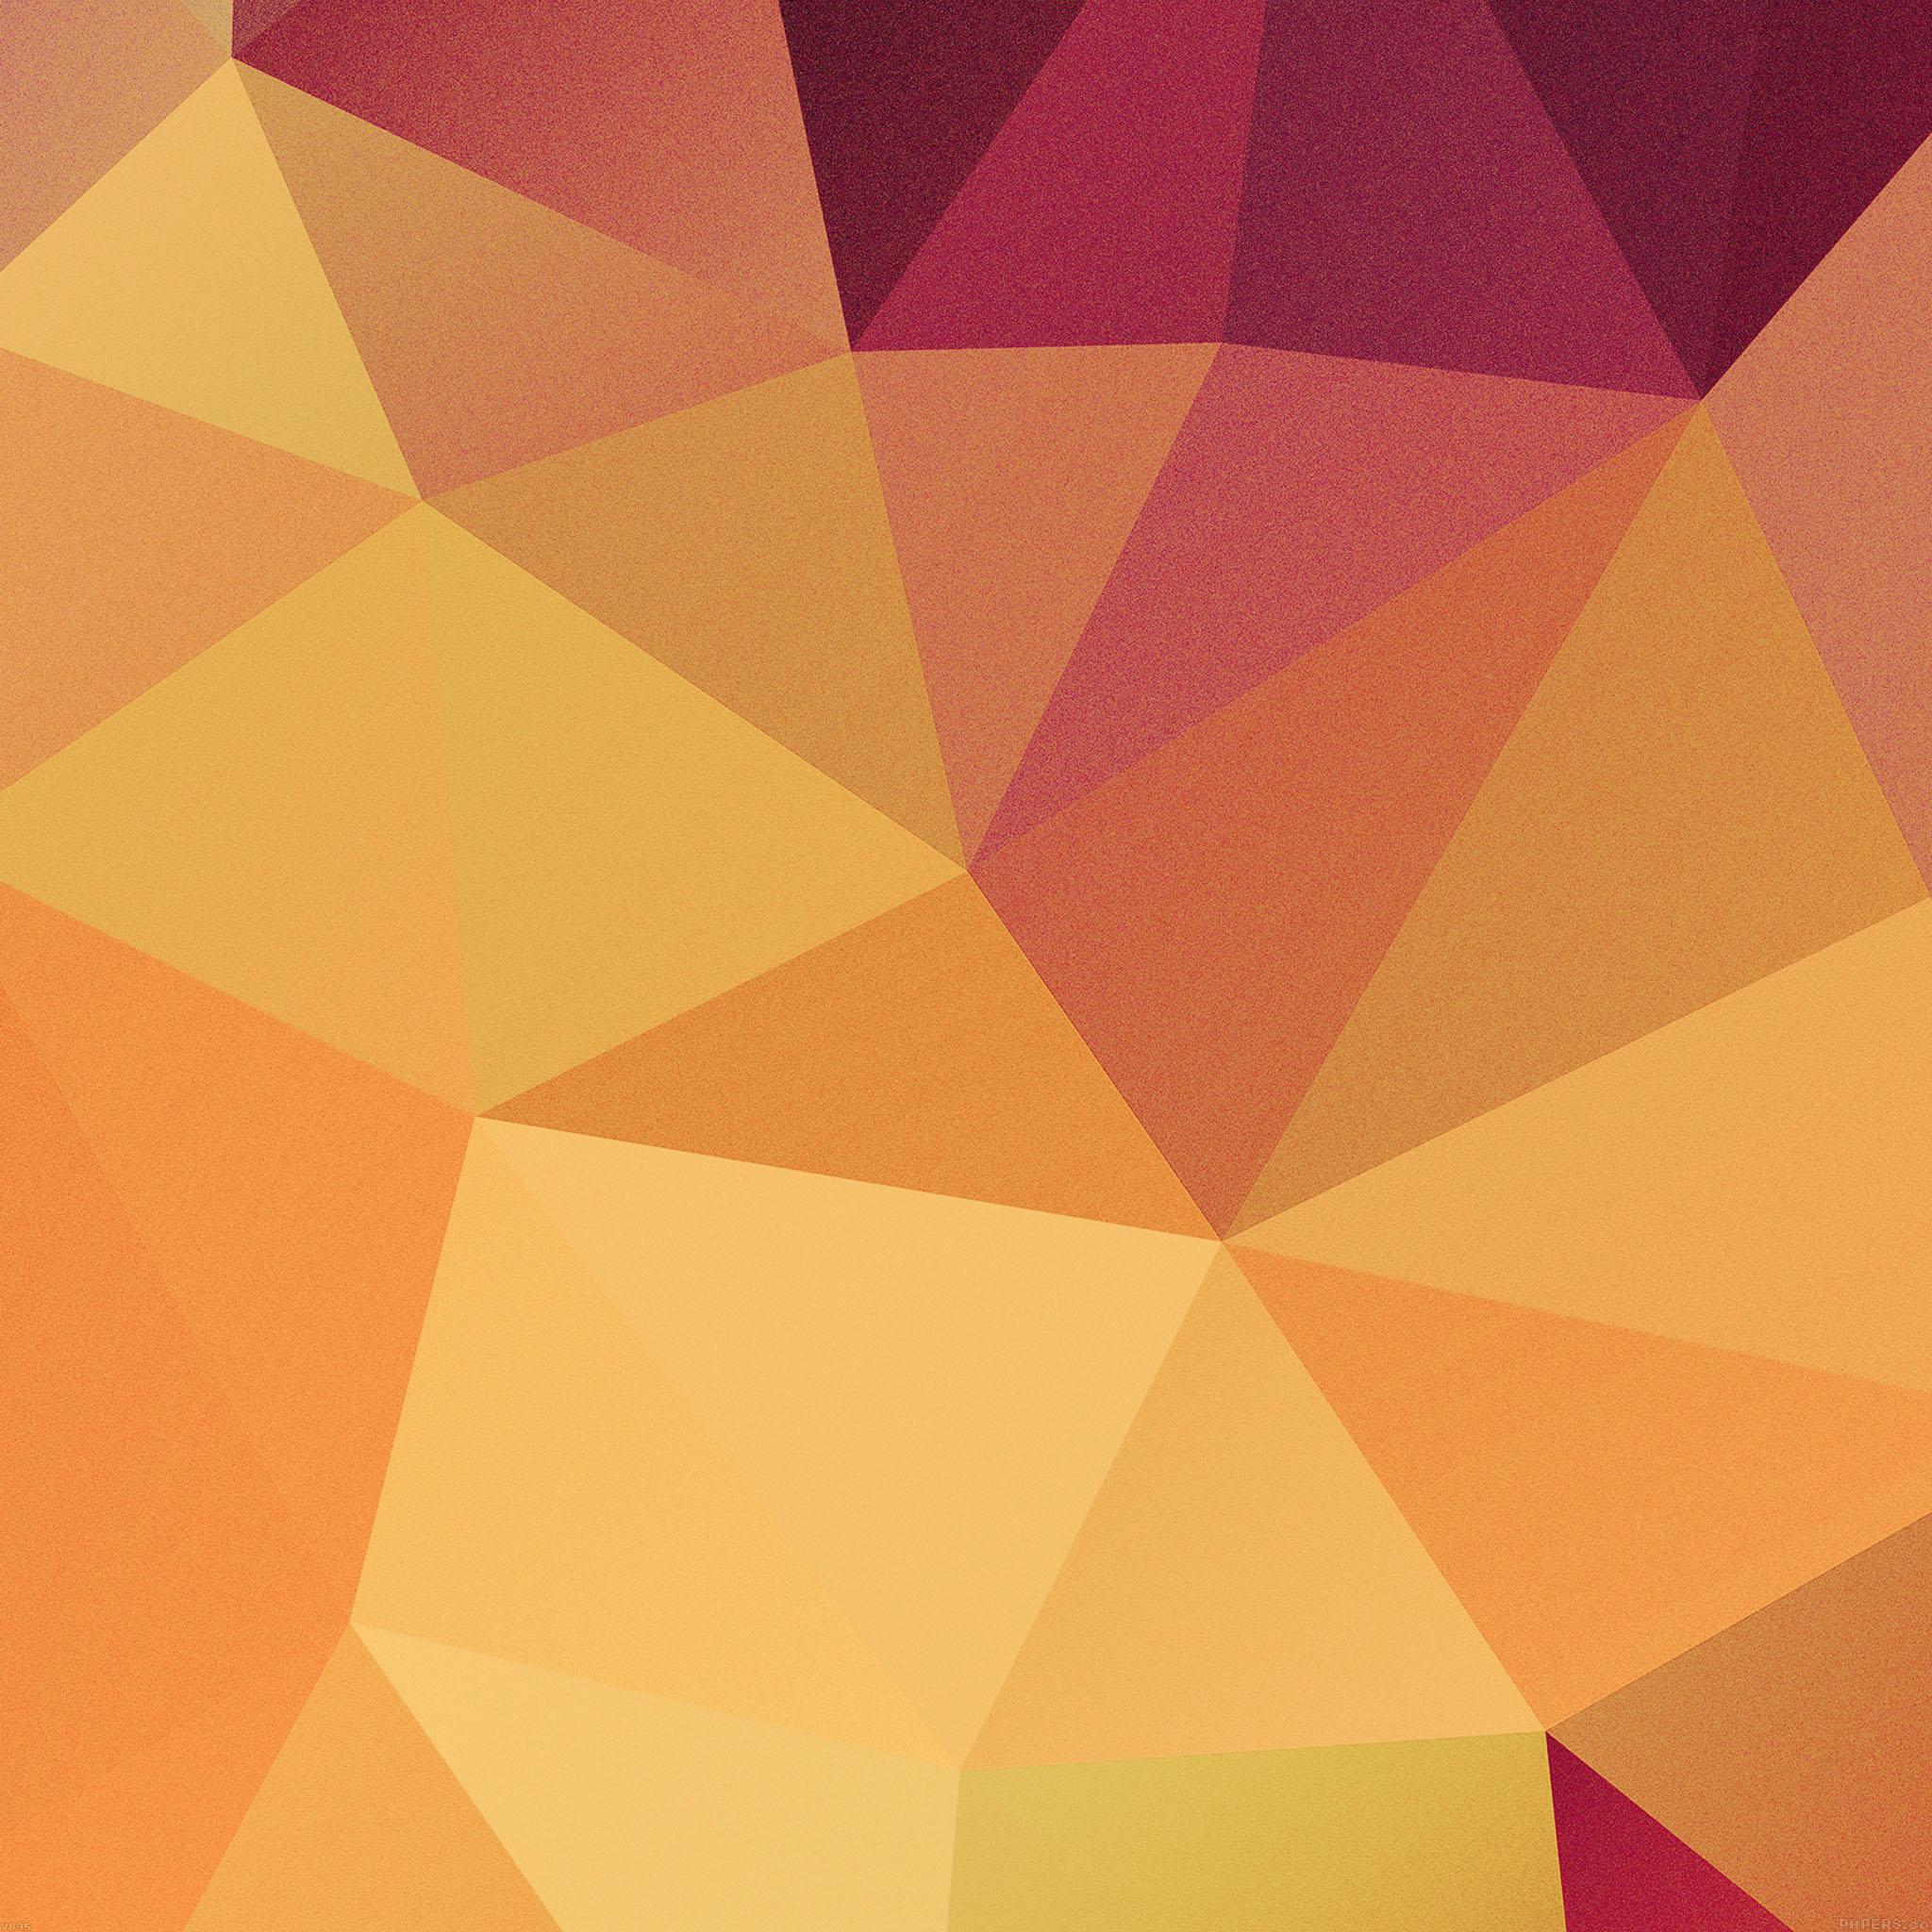 Fall Wallpaper Ipad Mini Wallpapers